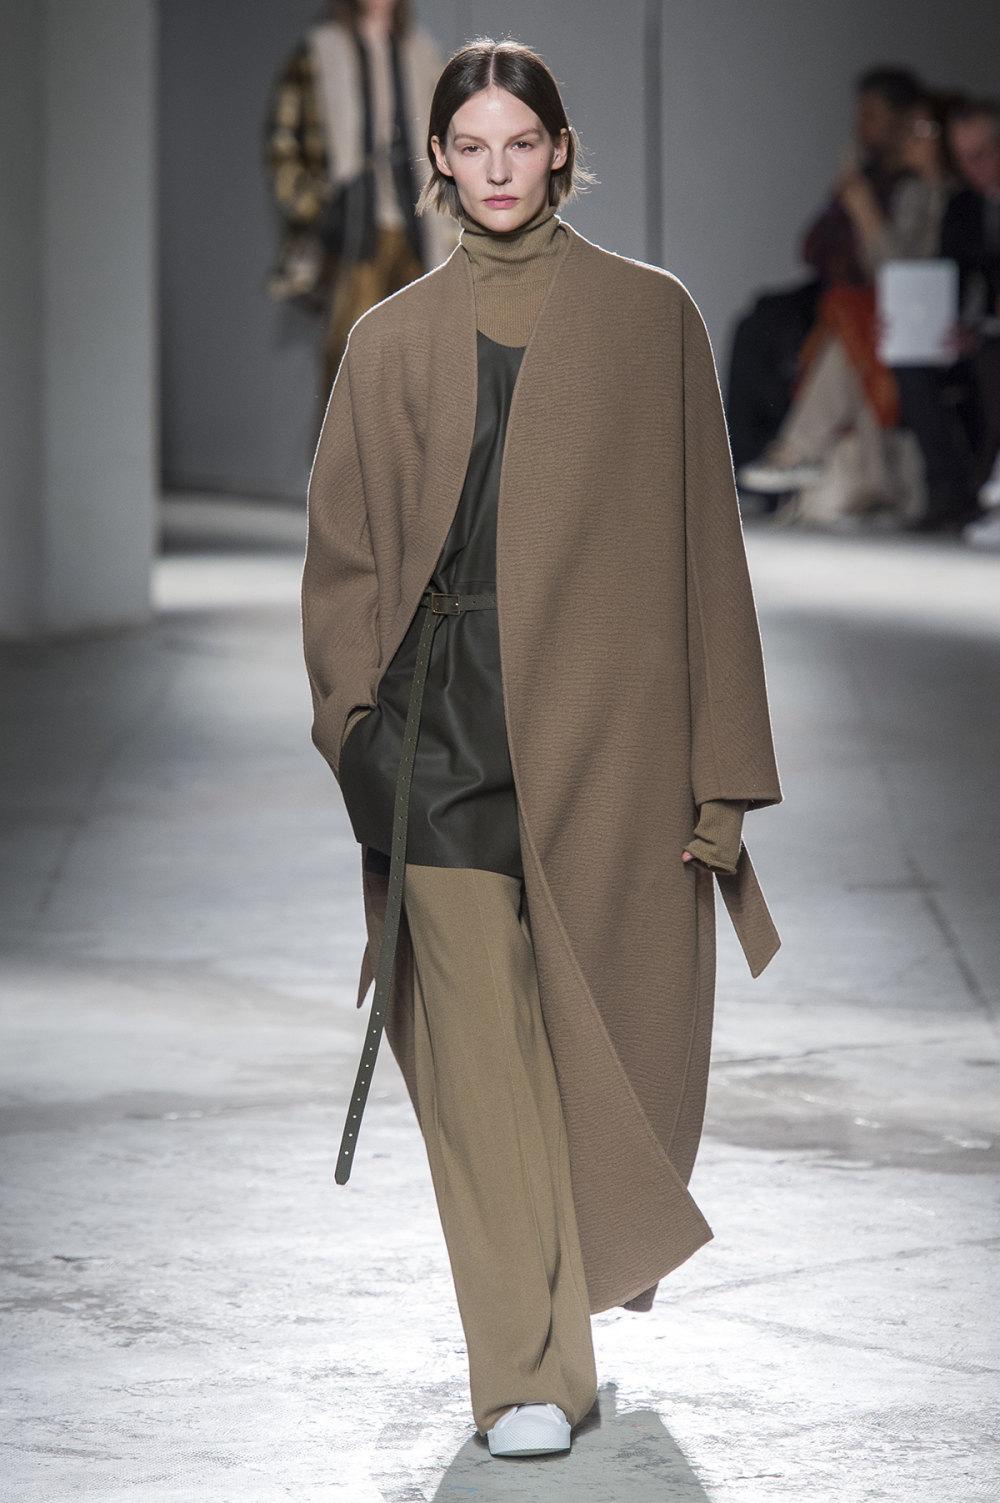 Agnona时装系列有纹理外套长而瘦有些穿着浴袍宽腿裤套装有巧克力-17.jpg